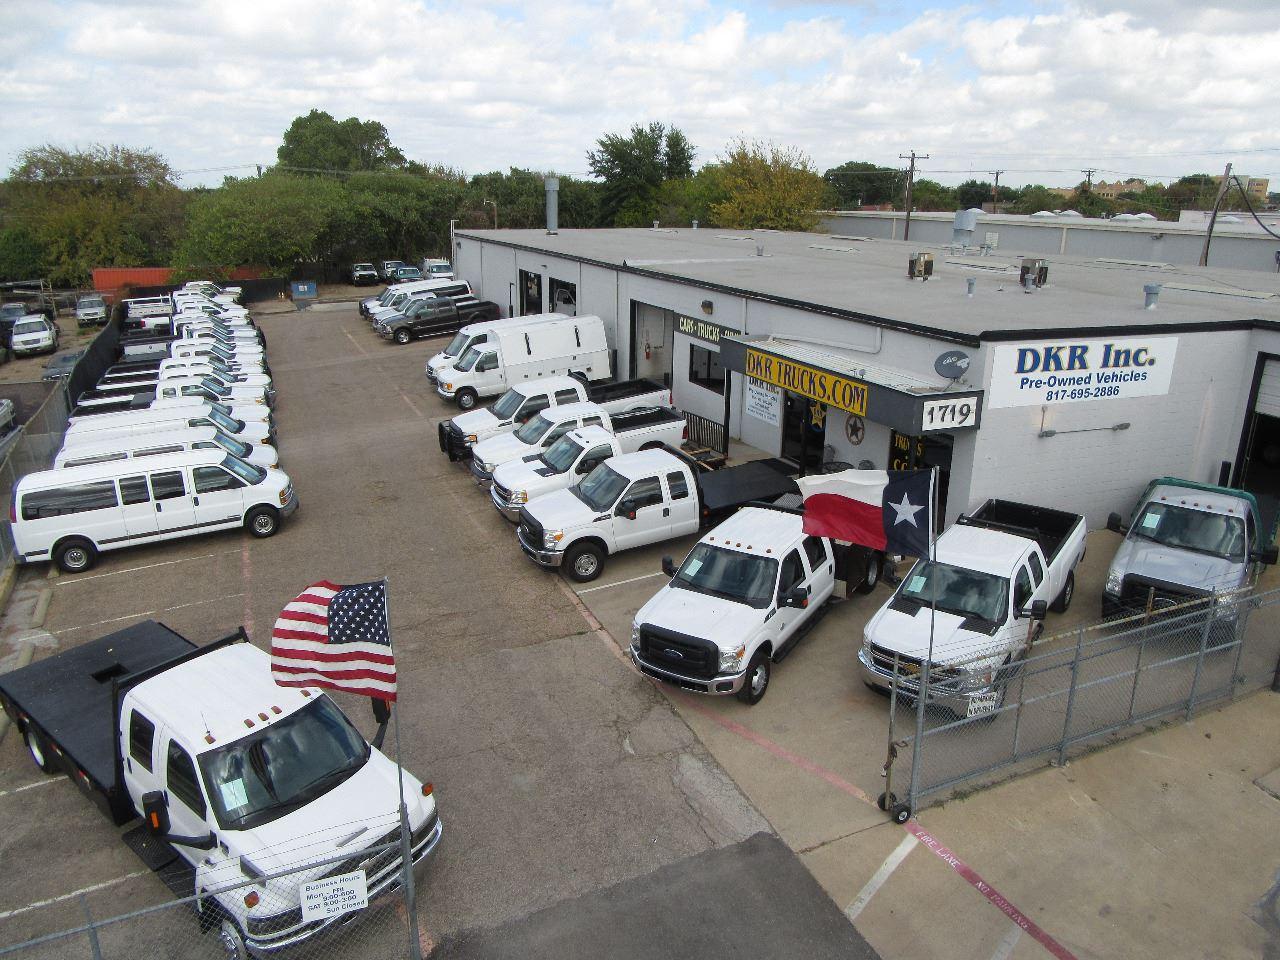 DKR Trucks